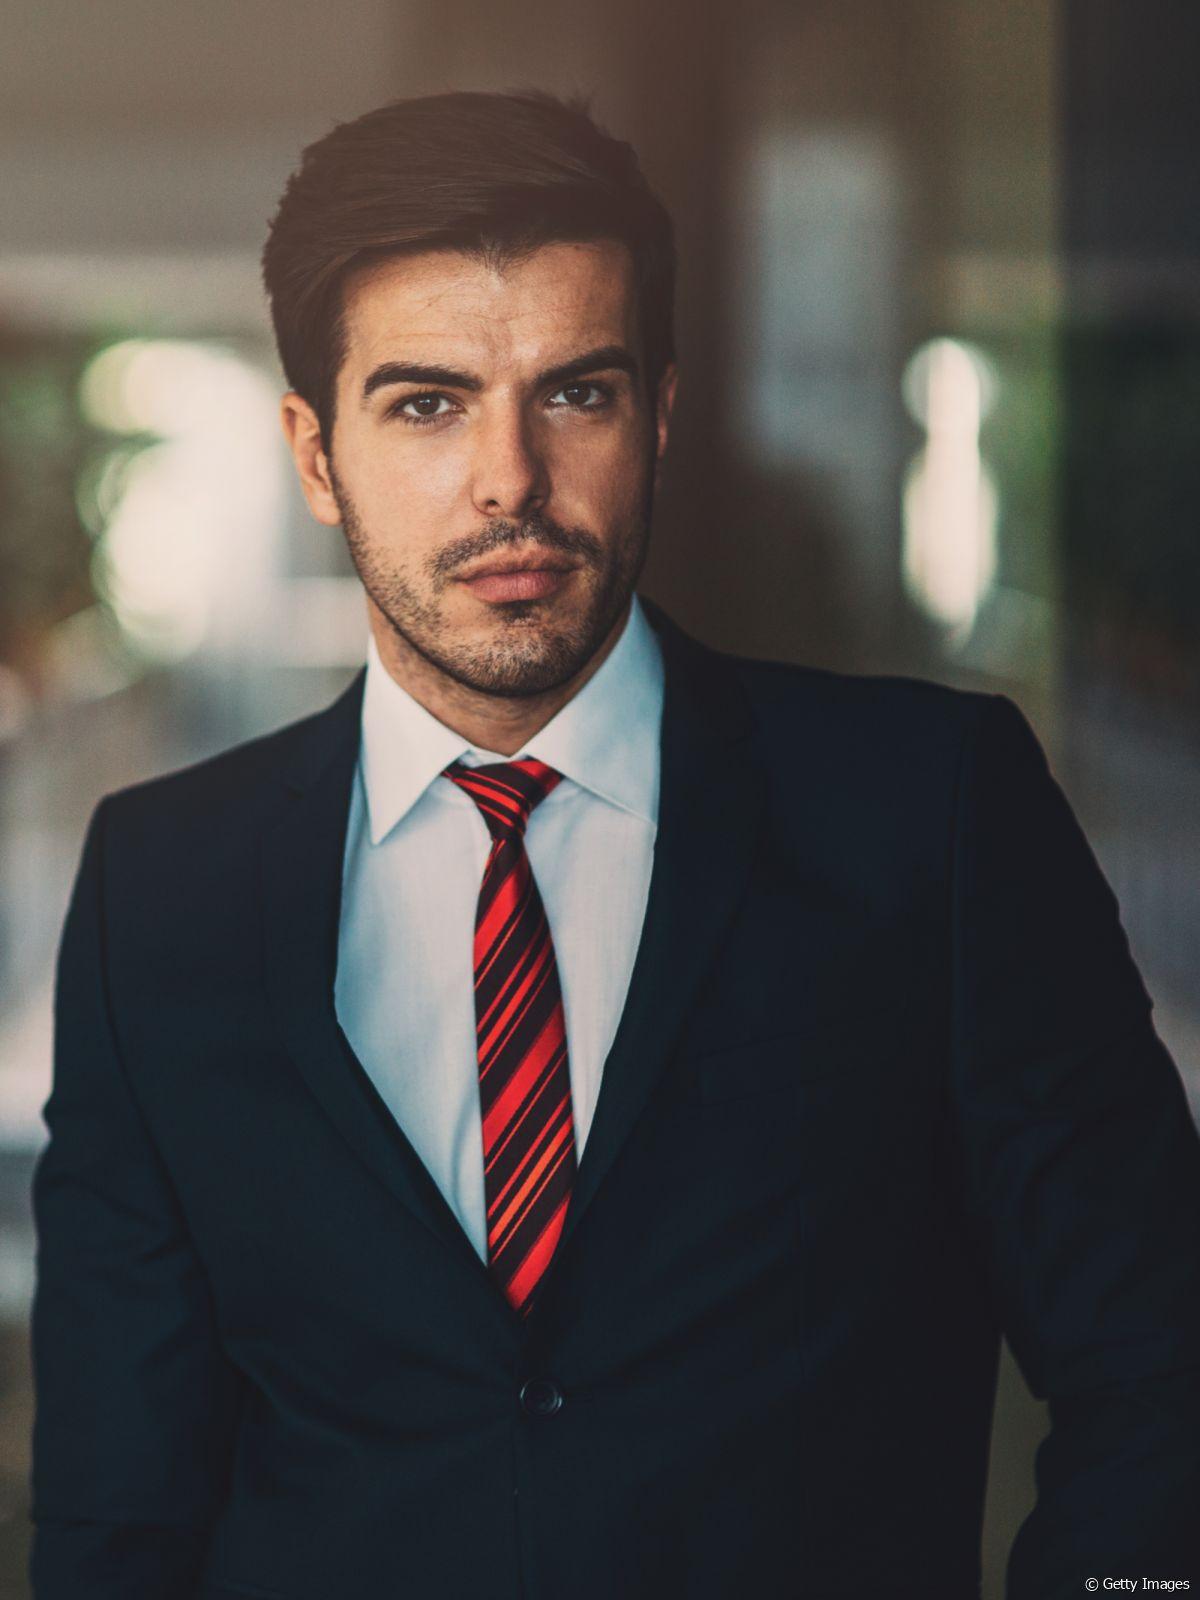 Audacieuse Cravate ou noeud papillon avec le costume ? - Cézigue SD-41